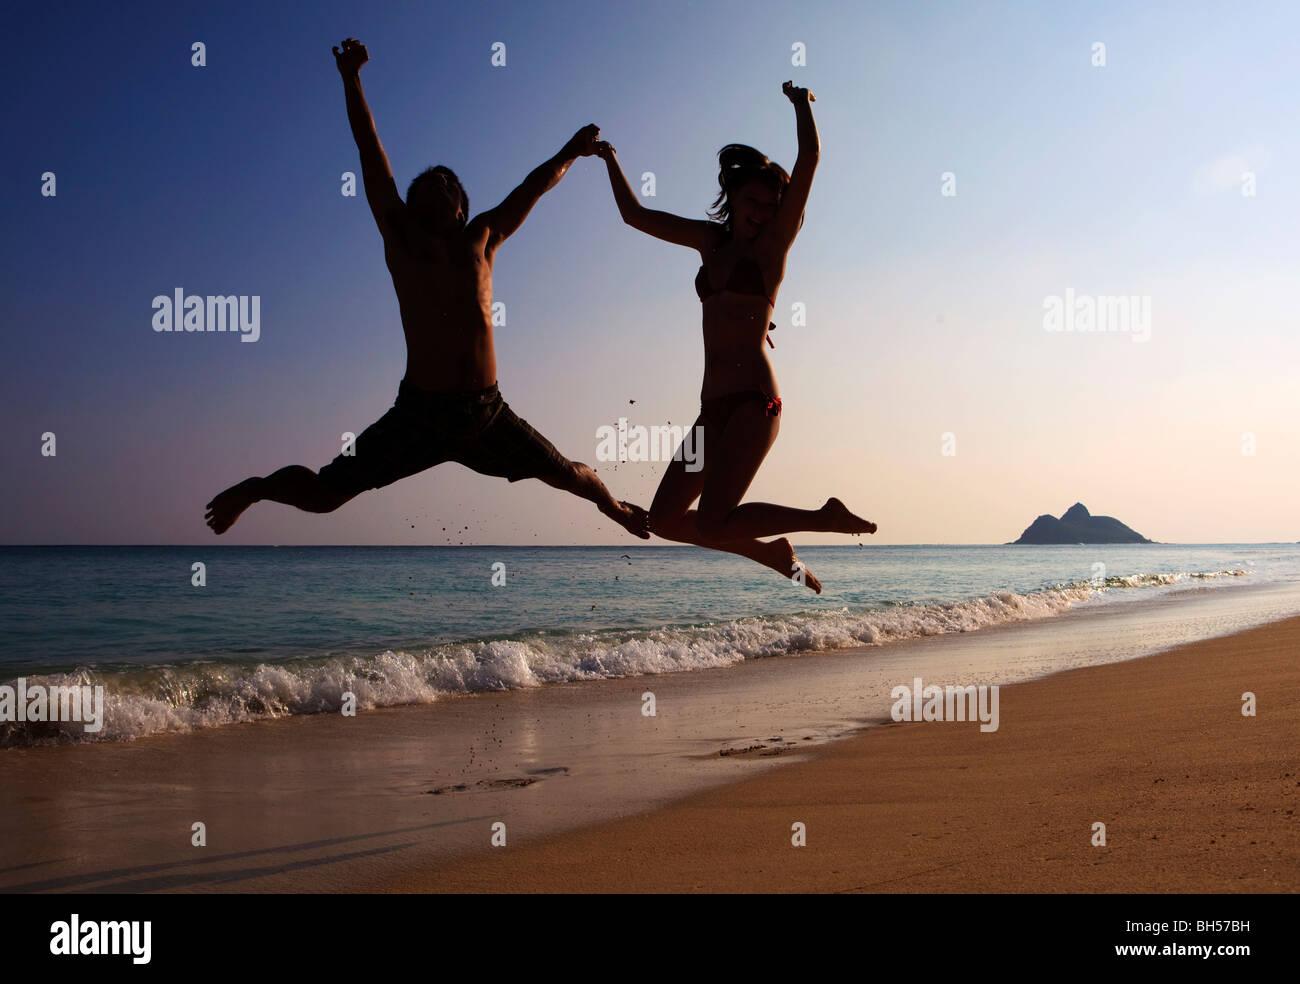 Silhouette eines Paares springen in der Luft am Strand von hawaii Stockbild